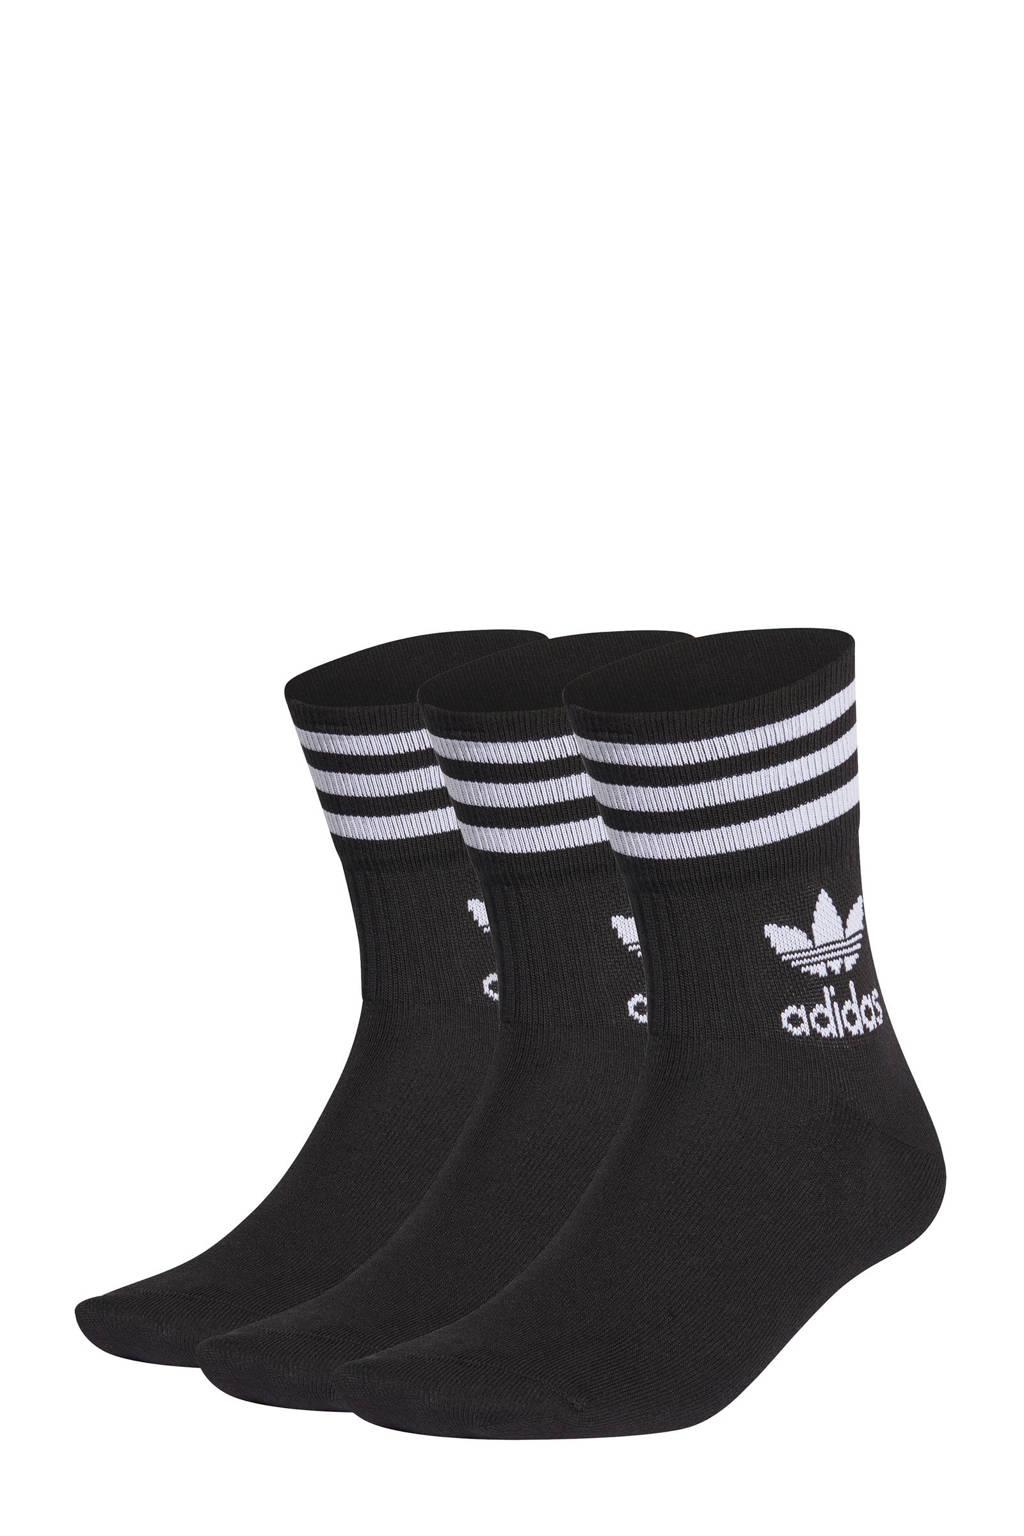 adidas Originals sokken - set van 3 zwart, Zwart